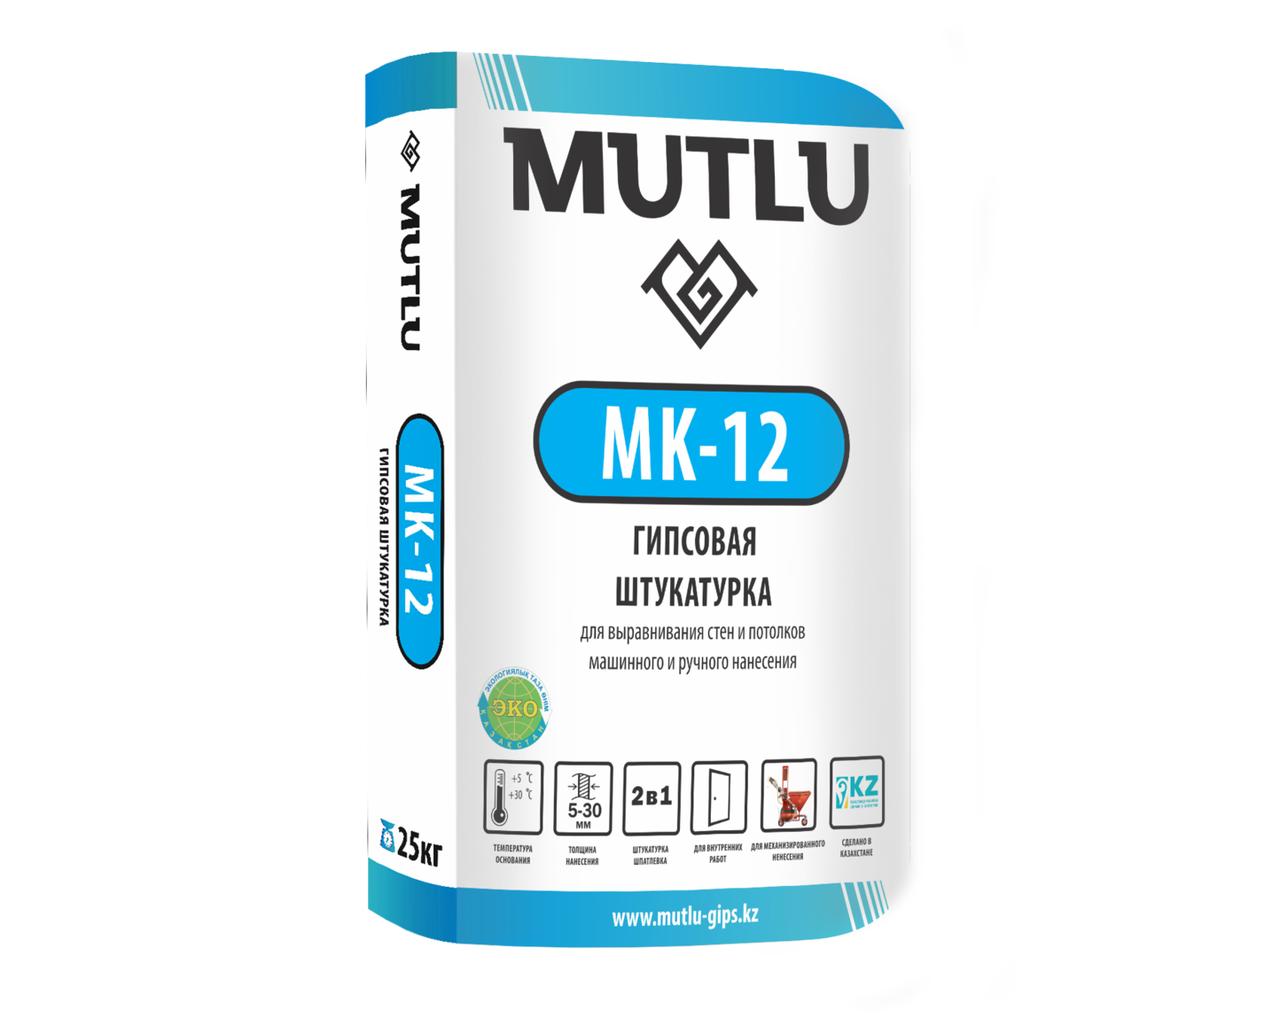 Штукатурка гипсовая Mutlu MK-12